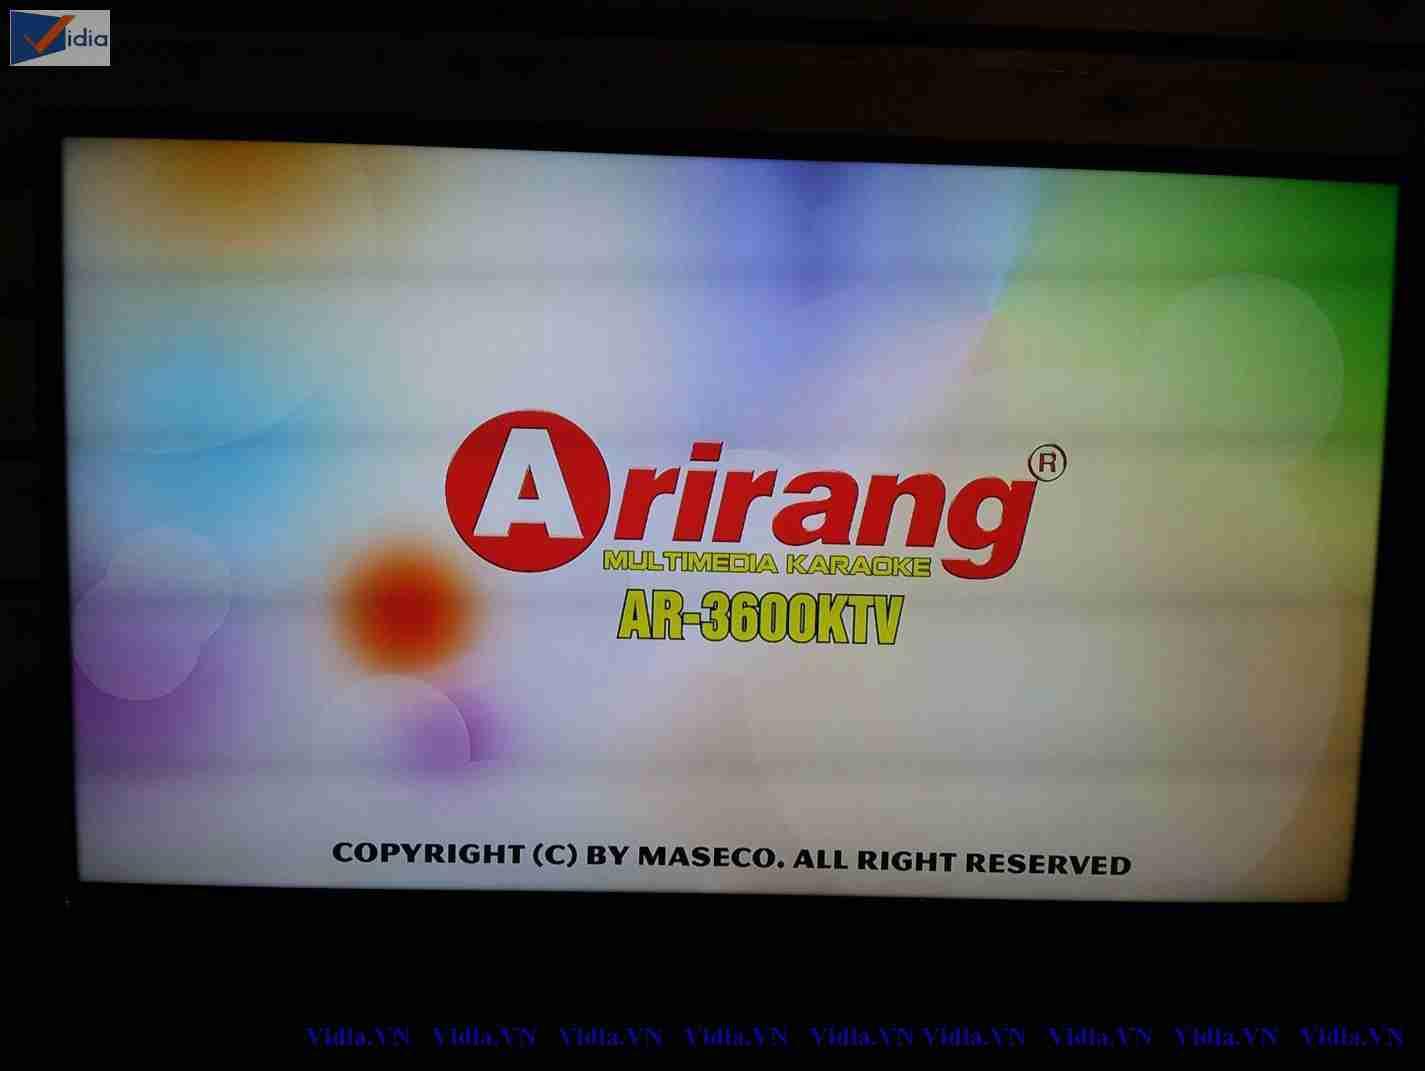 Thương hiệu Arirang luôn là sự lựa chọn an toàn cho người tiêu dùng.